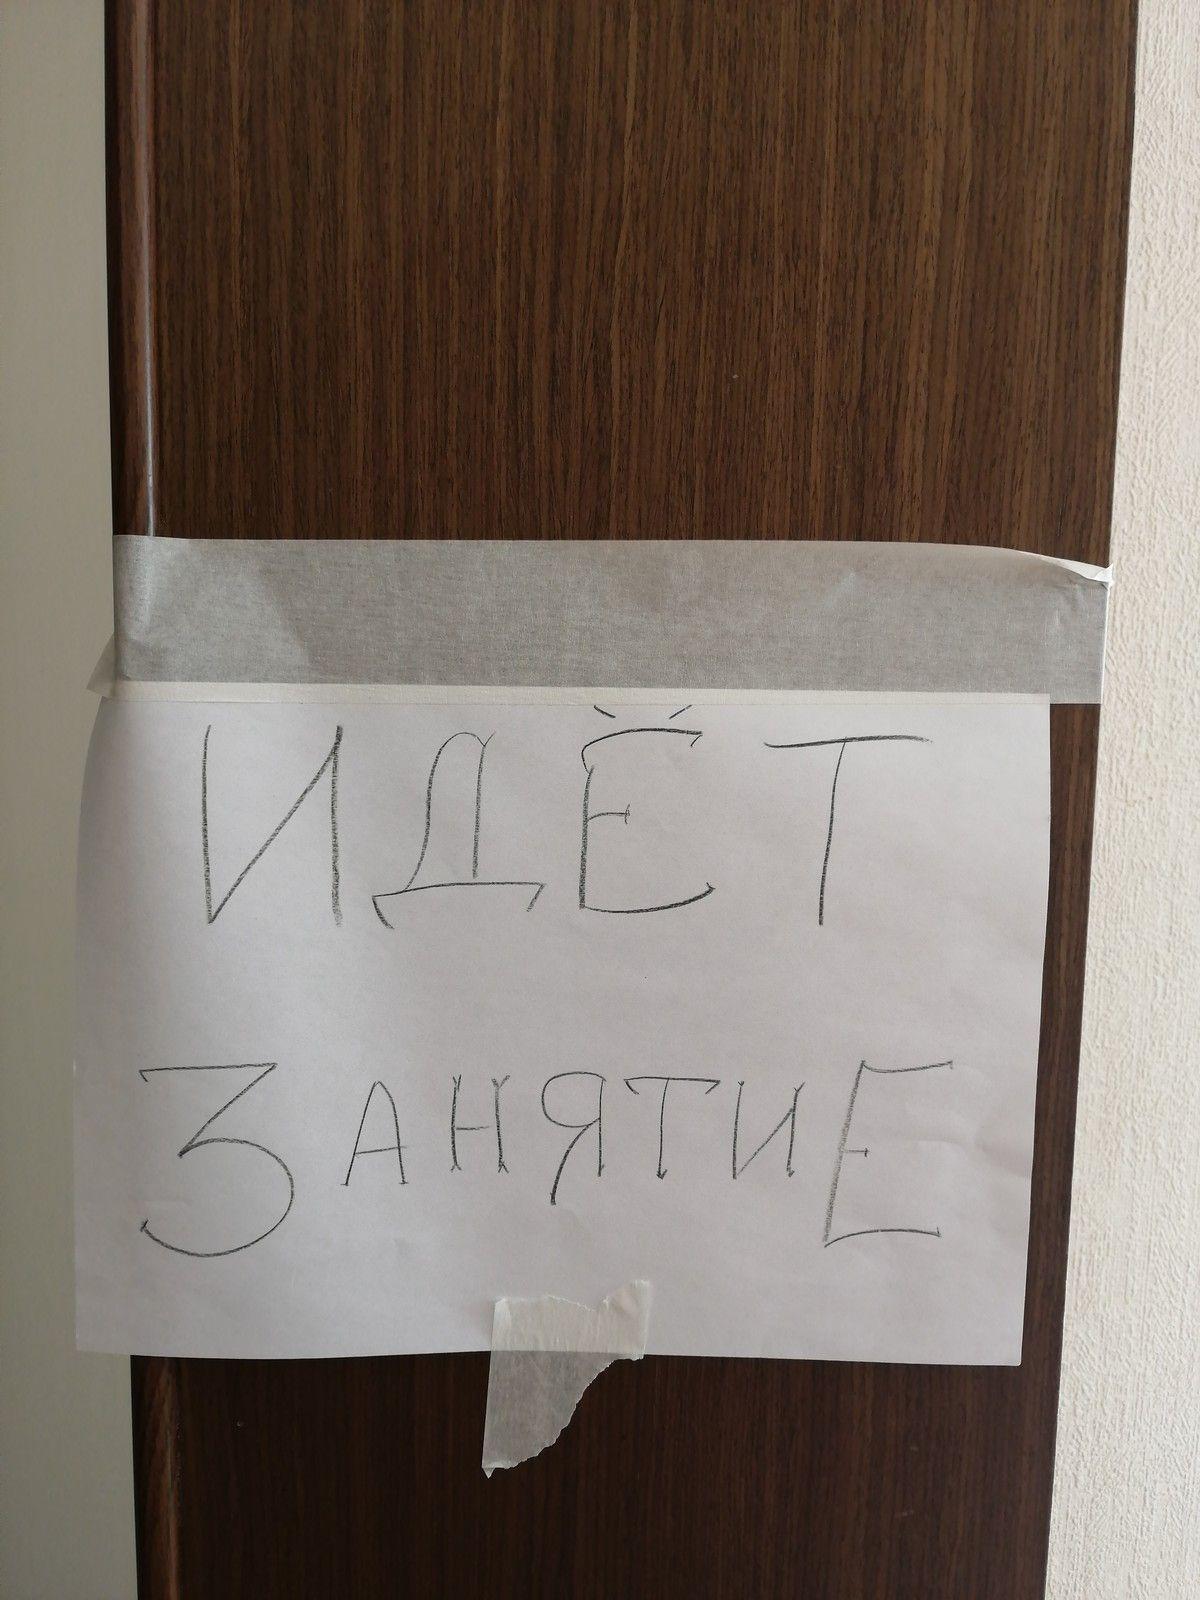 Одна суббота учителя и журналиста в коммуне, Санкт-Петербург, фото 21